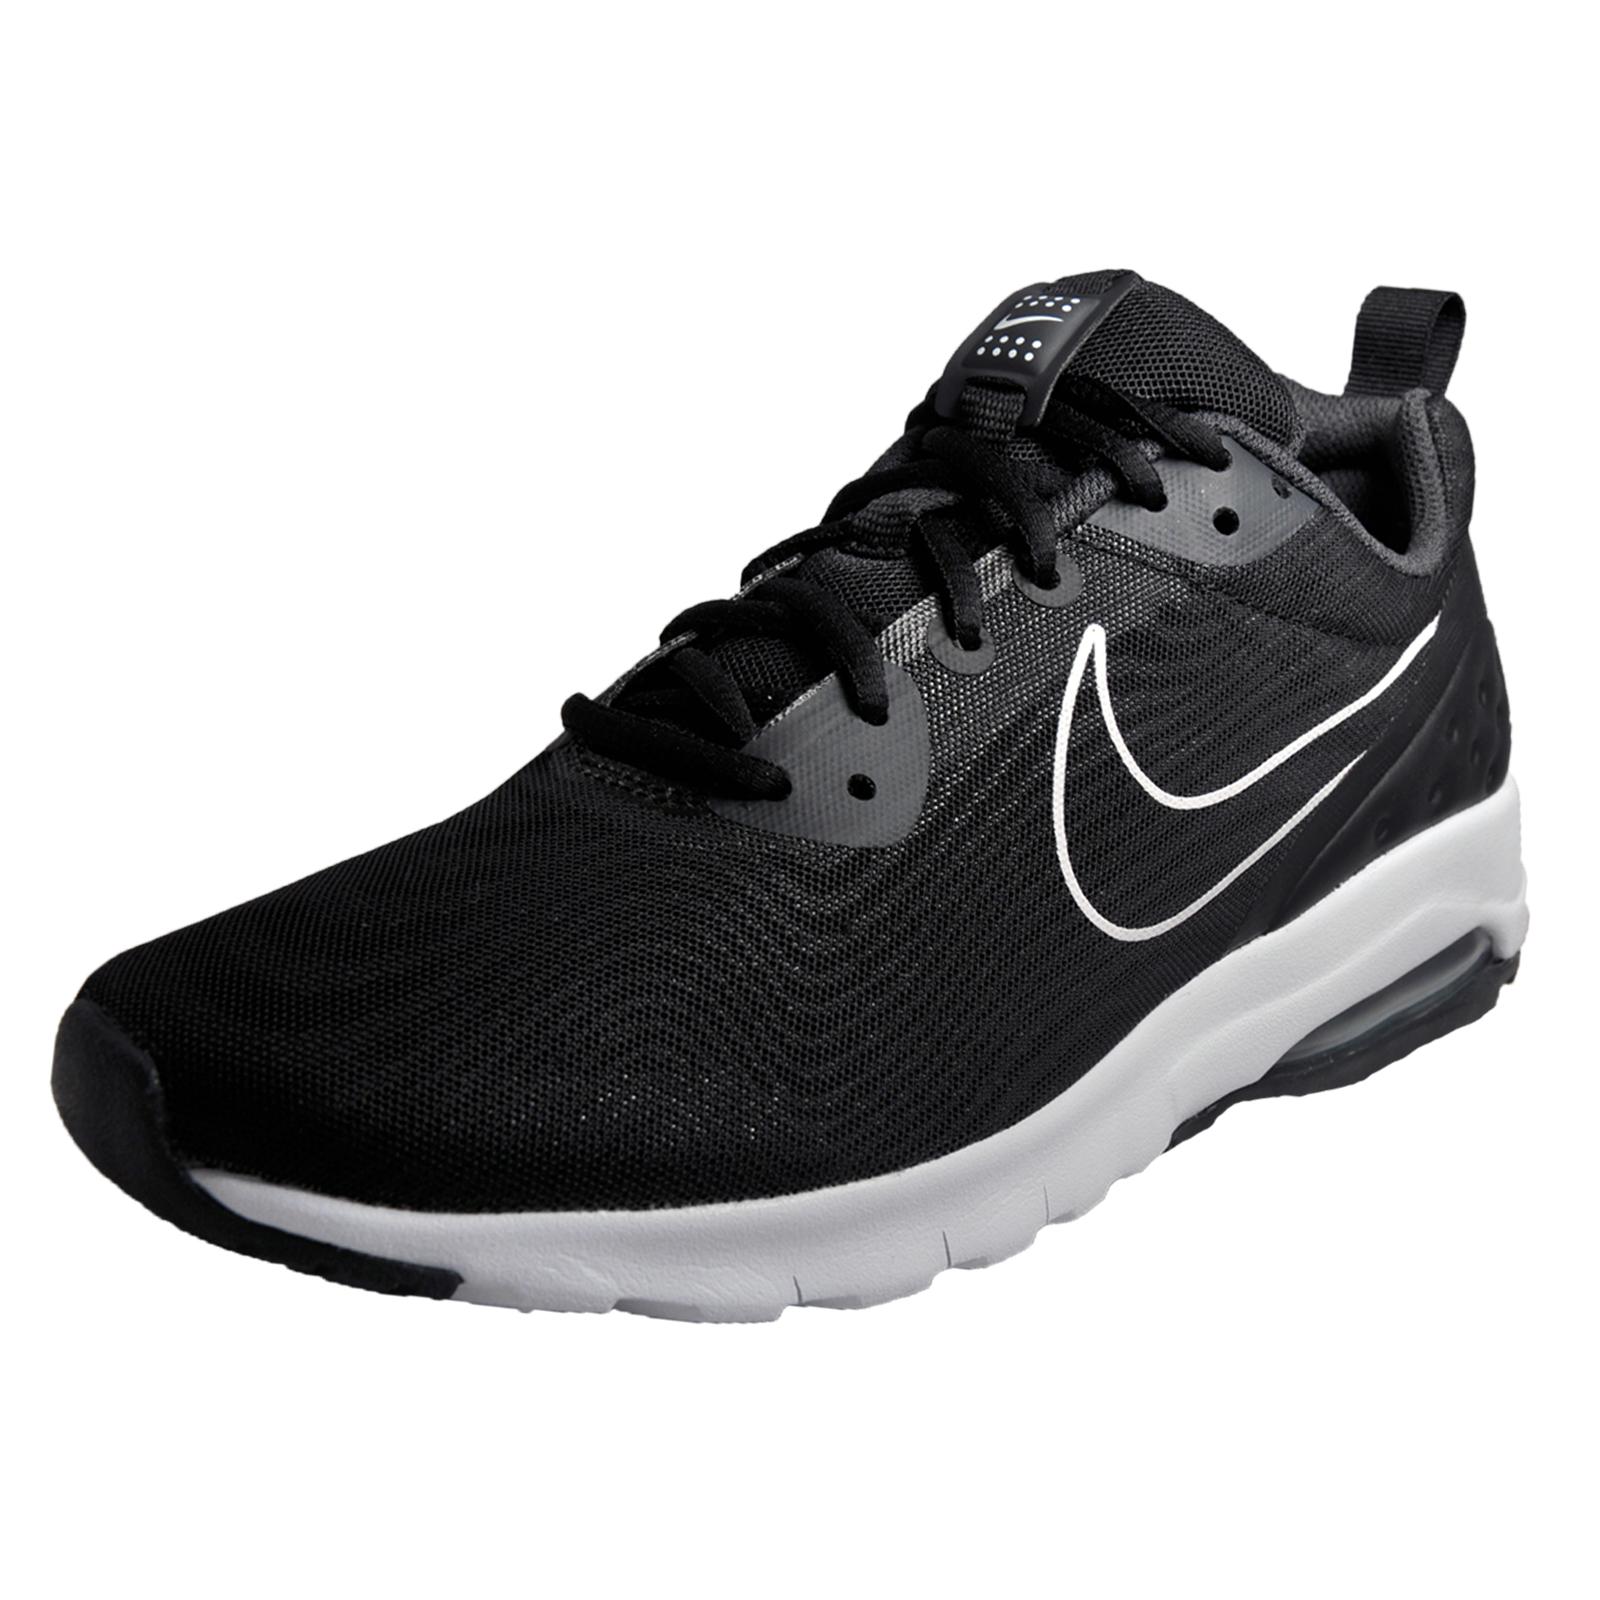 Dettagli su Nike Air Max Motion LW Premium Uomo Classico Stile di Vita  Casual Scarpe da ginnastica Black- mostra il titolo originale ea160e94b54